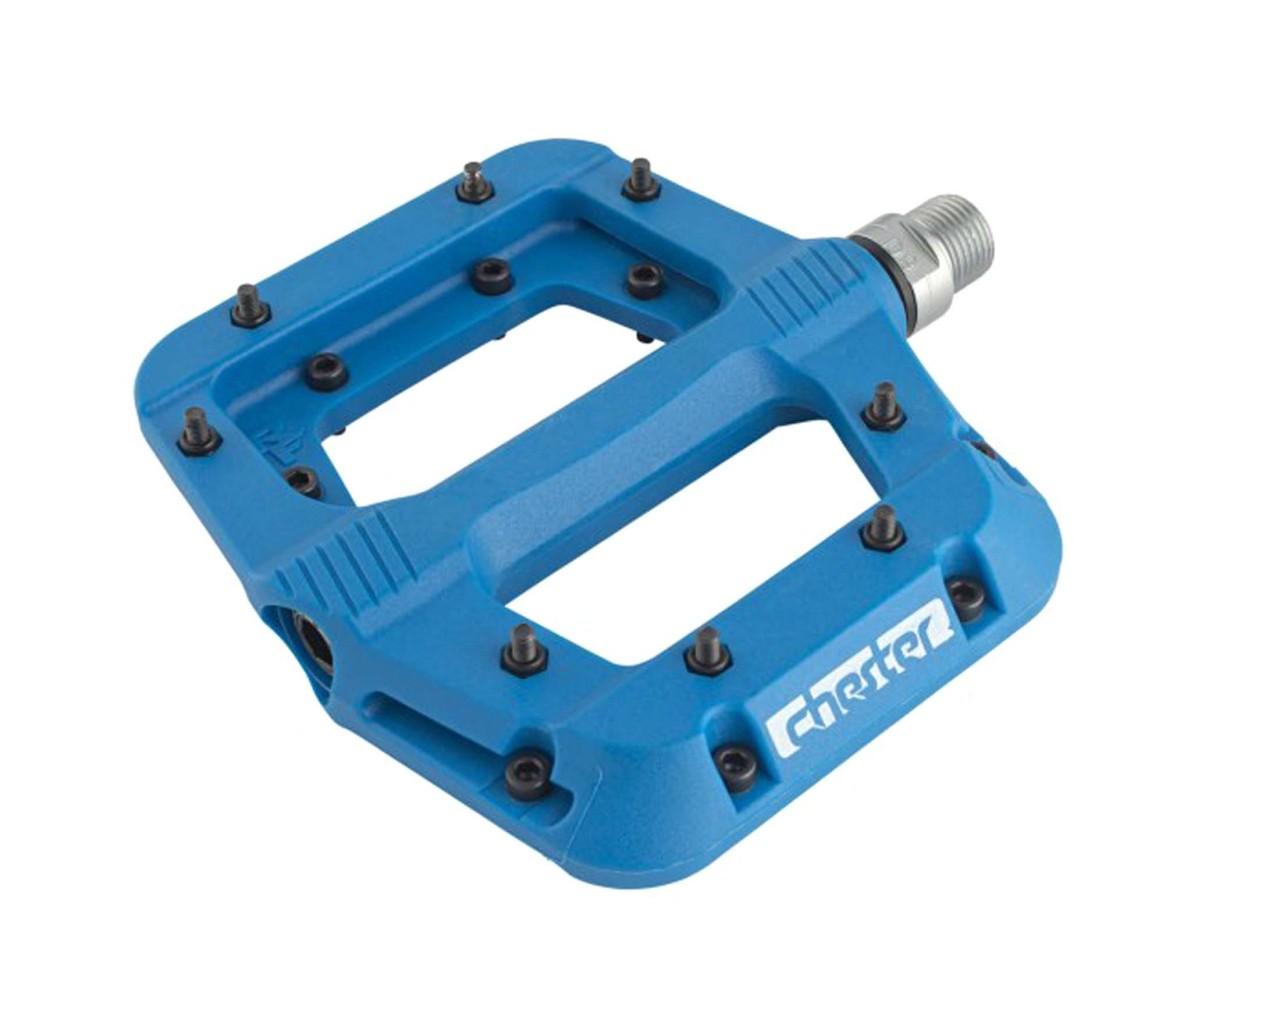 Race Face Chester Composite Plattform Pedale (Paar)   blue